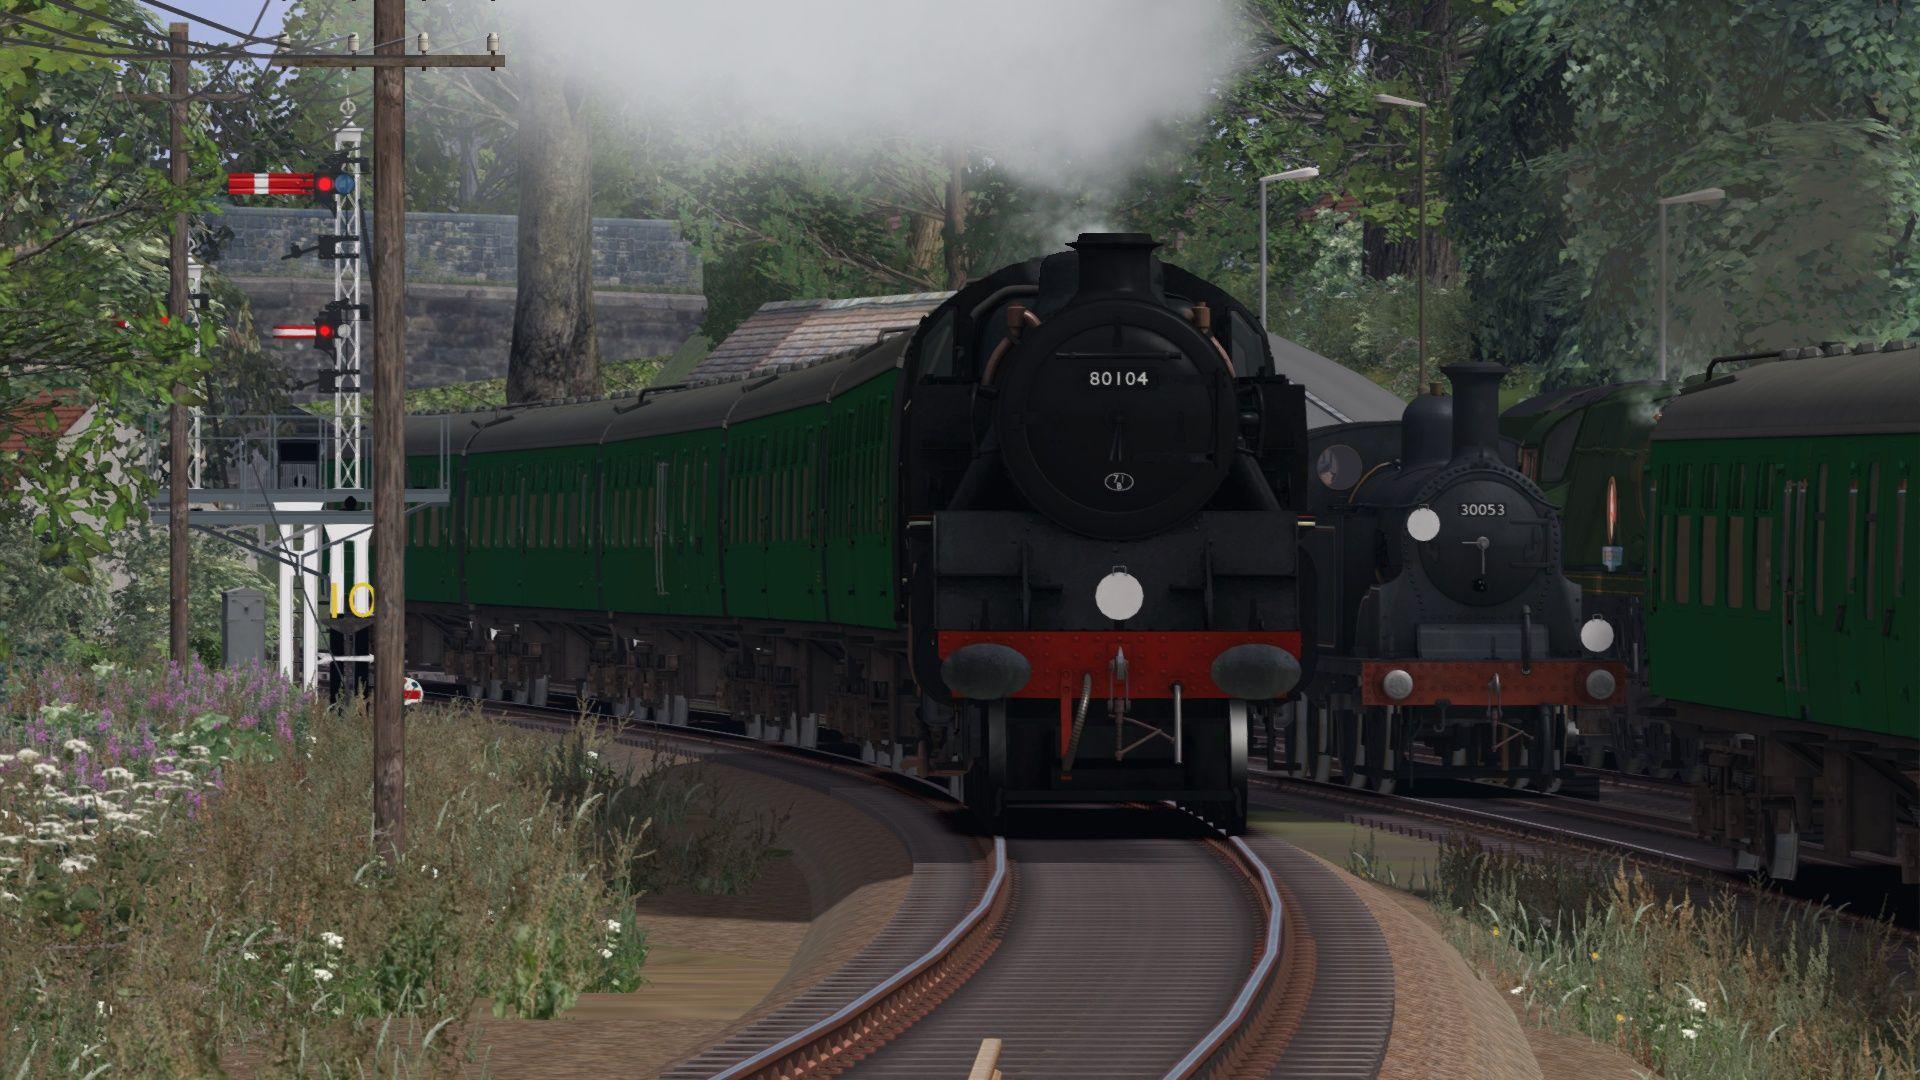 Screenshot_Swanage Railway_50.61034--1.96745_16-03-33